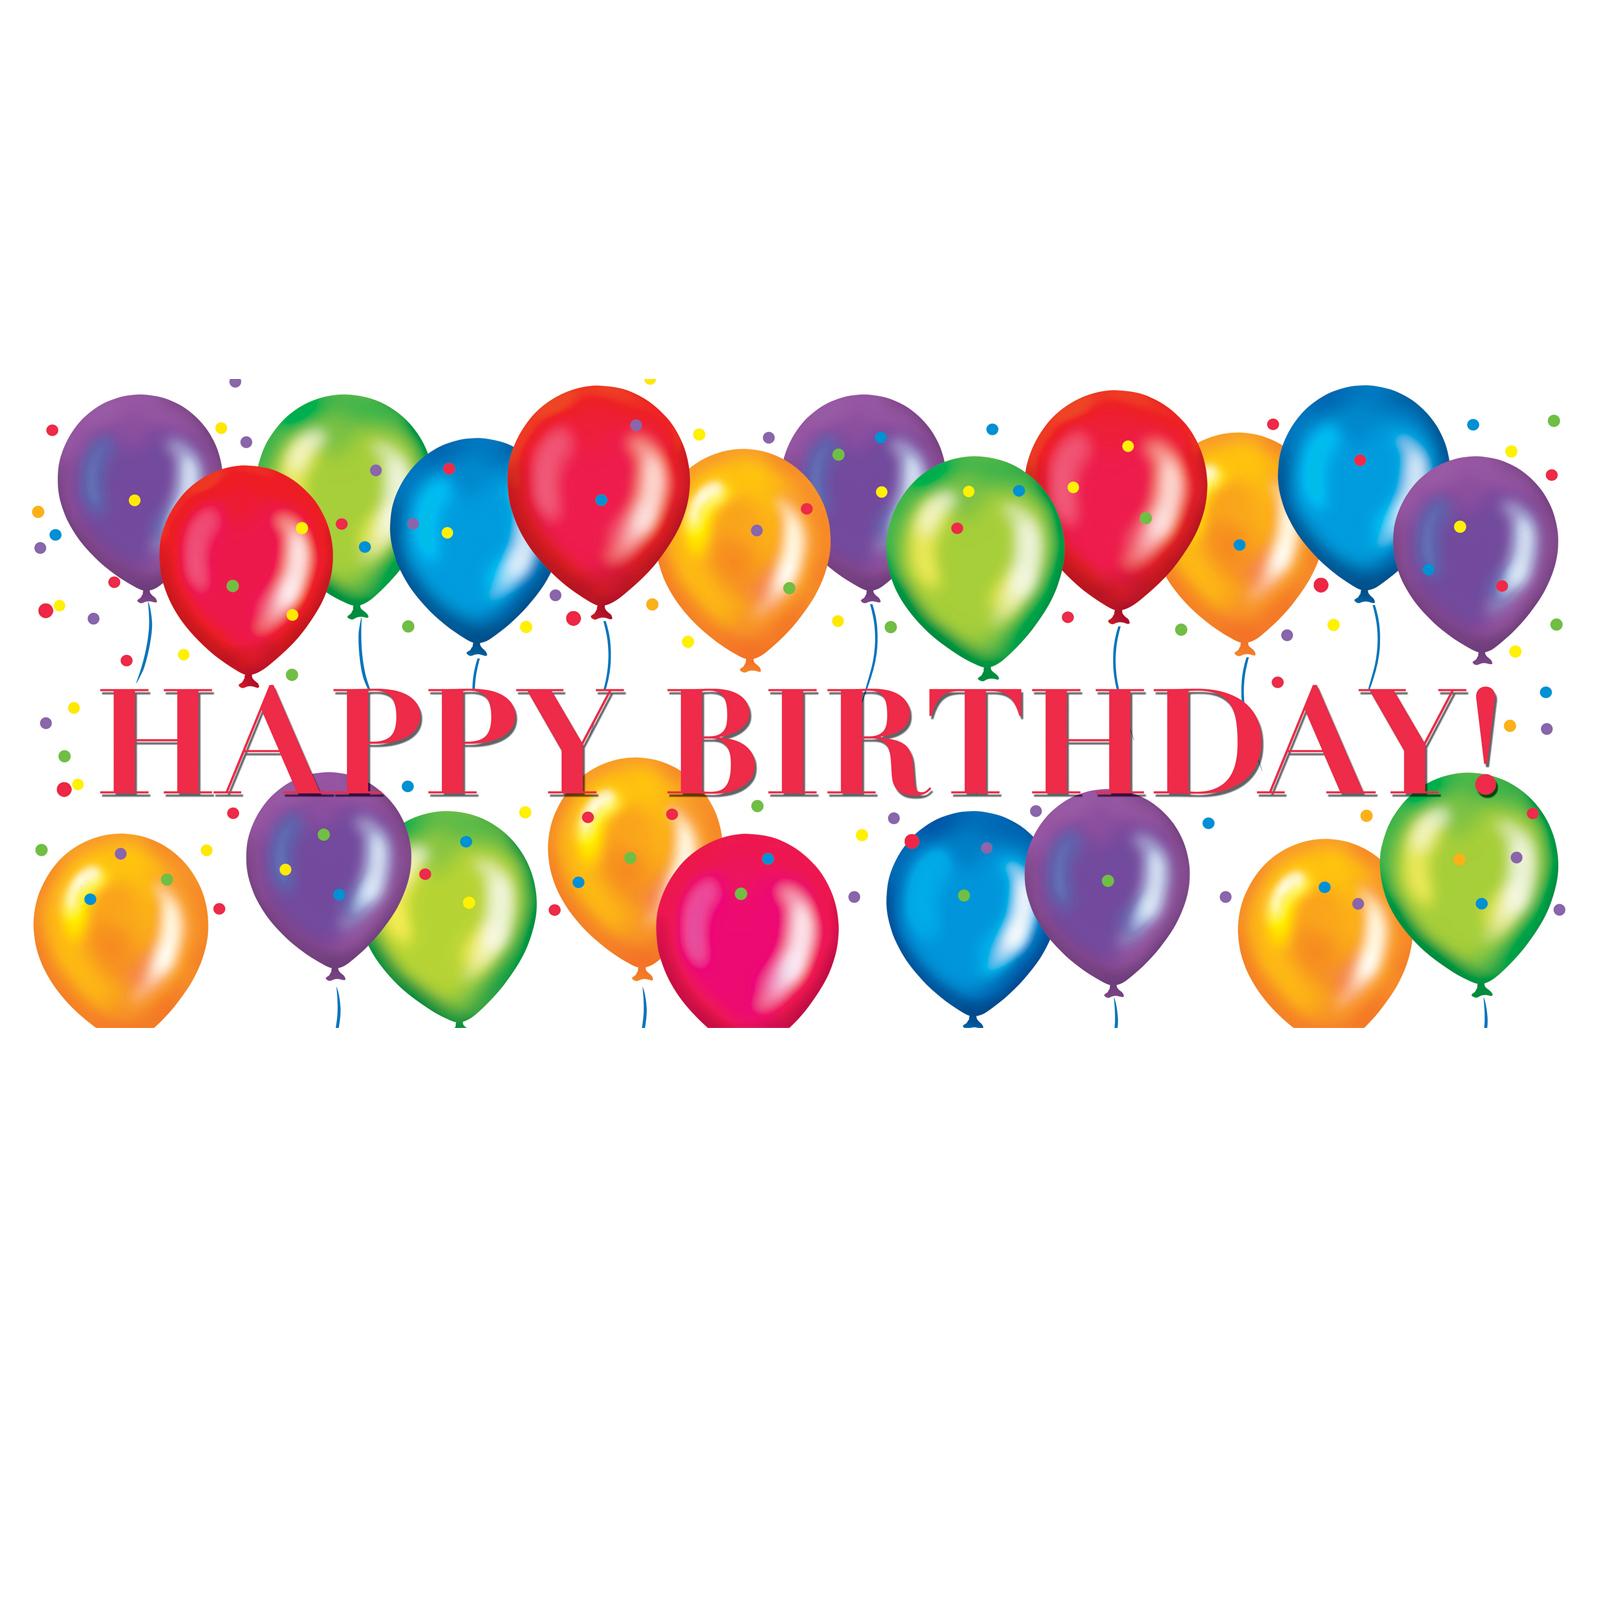 Happy Birthday Clipart Free - ClipartFes-Happy birthday clipart free - ClipartFest-16